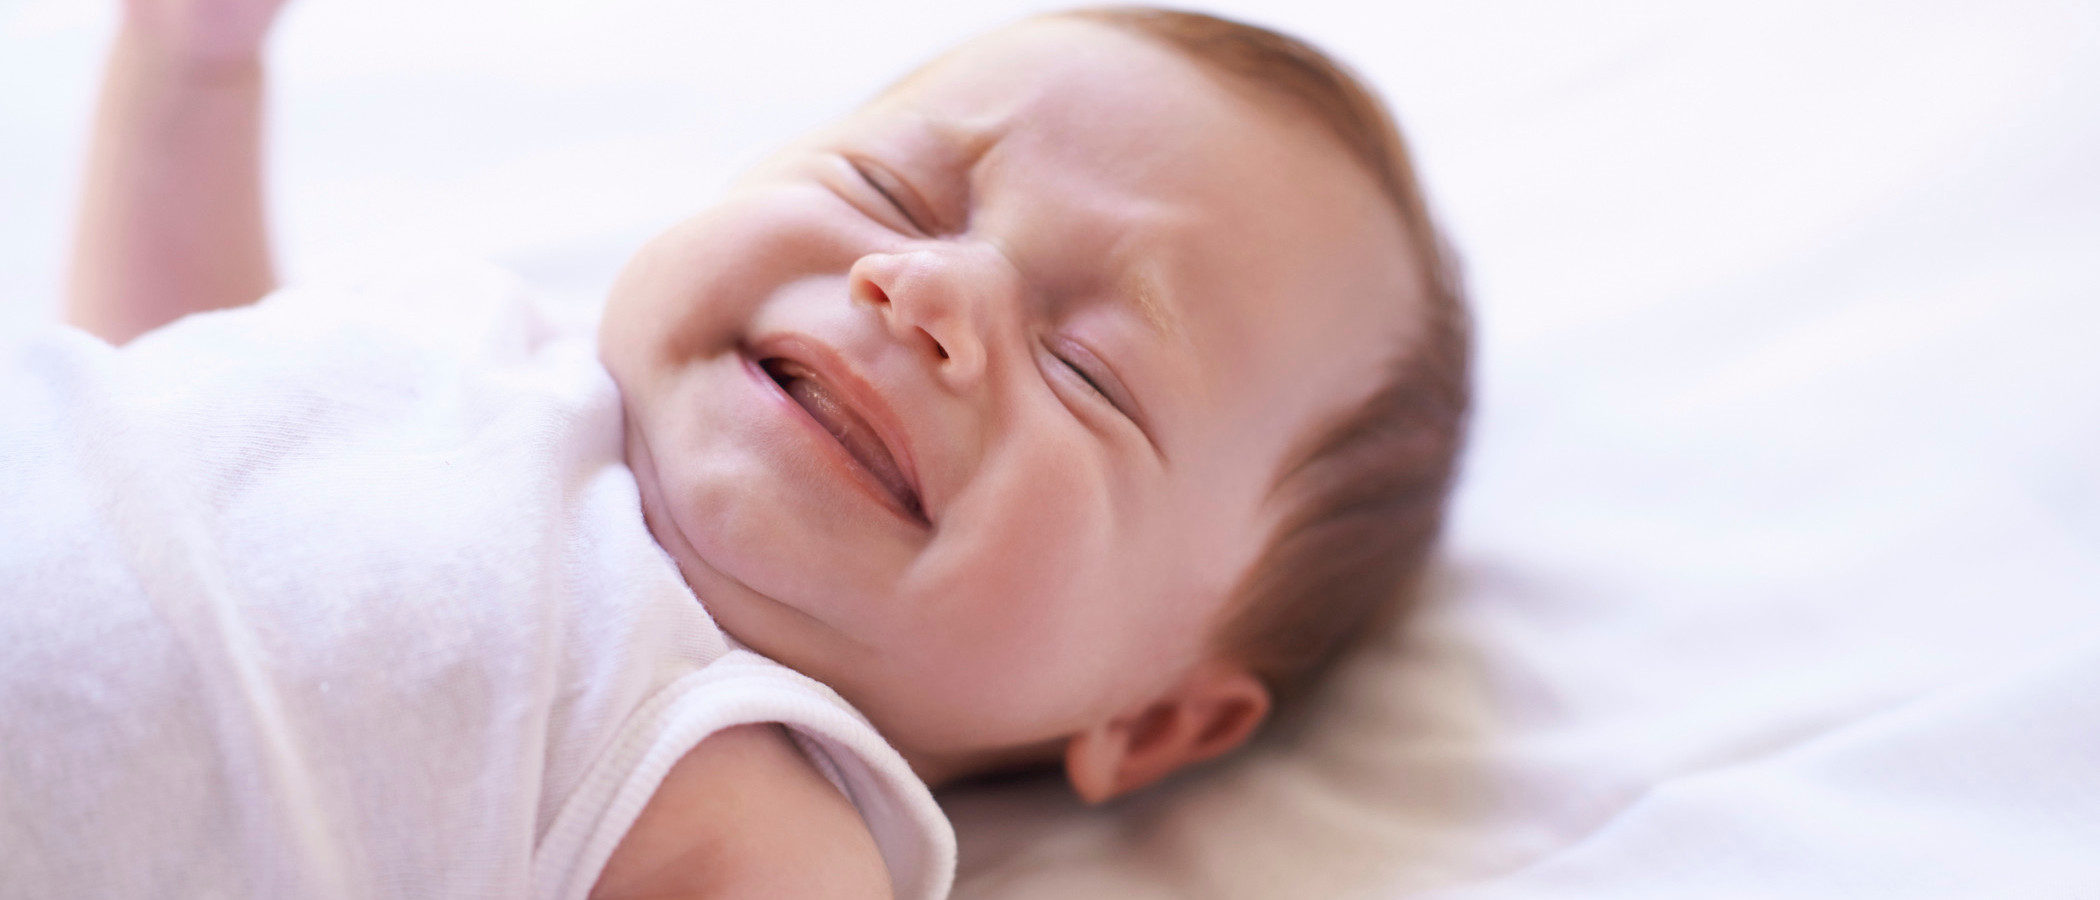 Qué hacer y qué no hacer cuando llora nuestro bebé